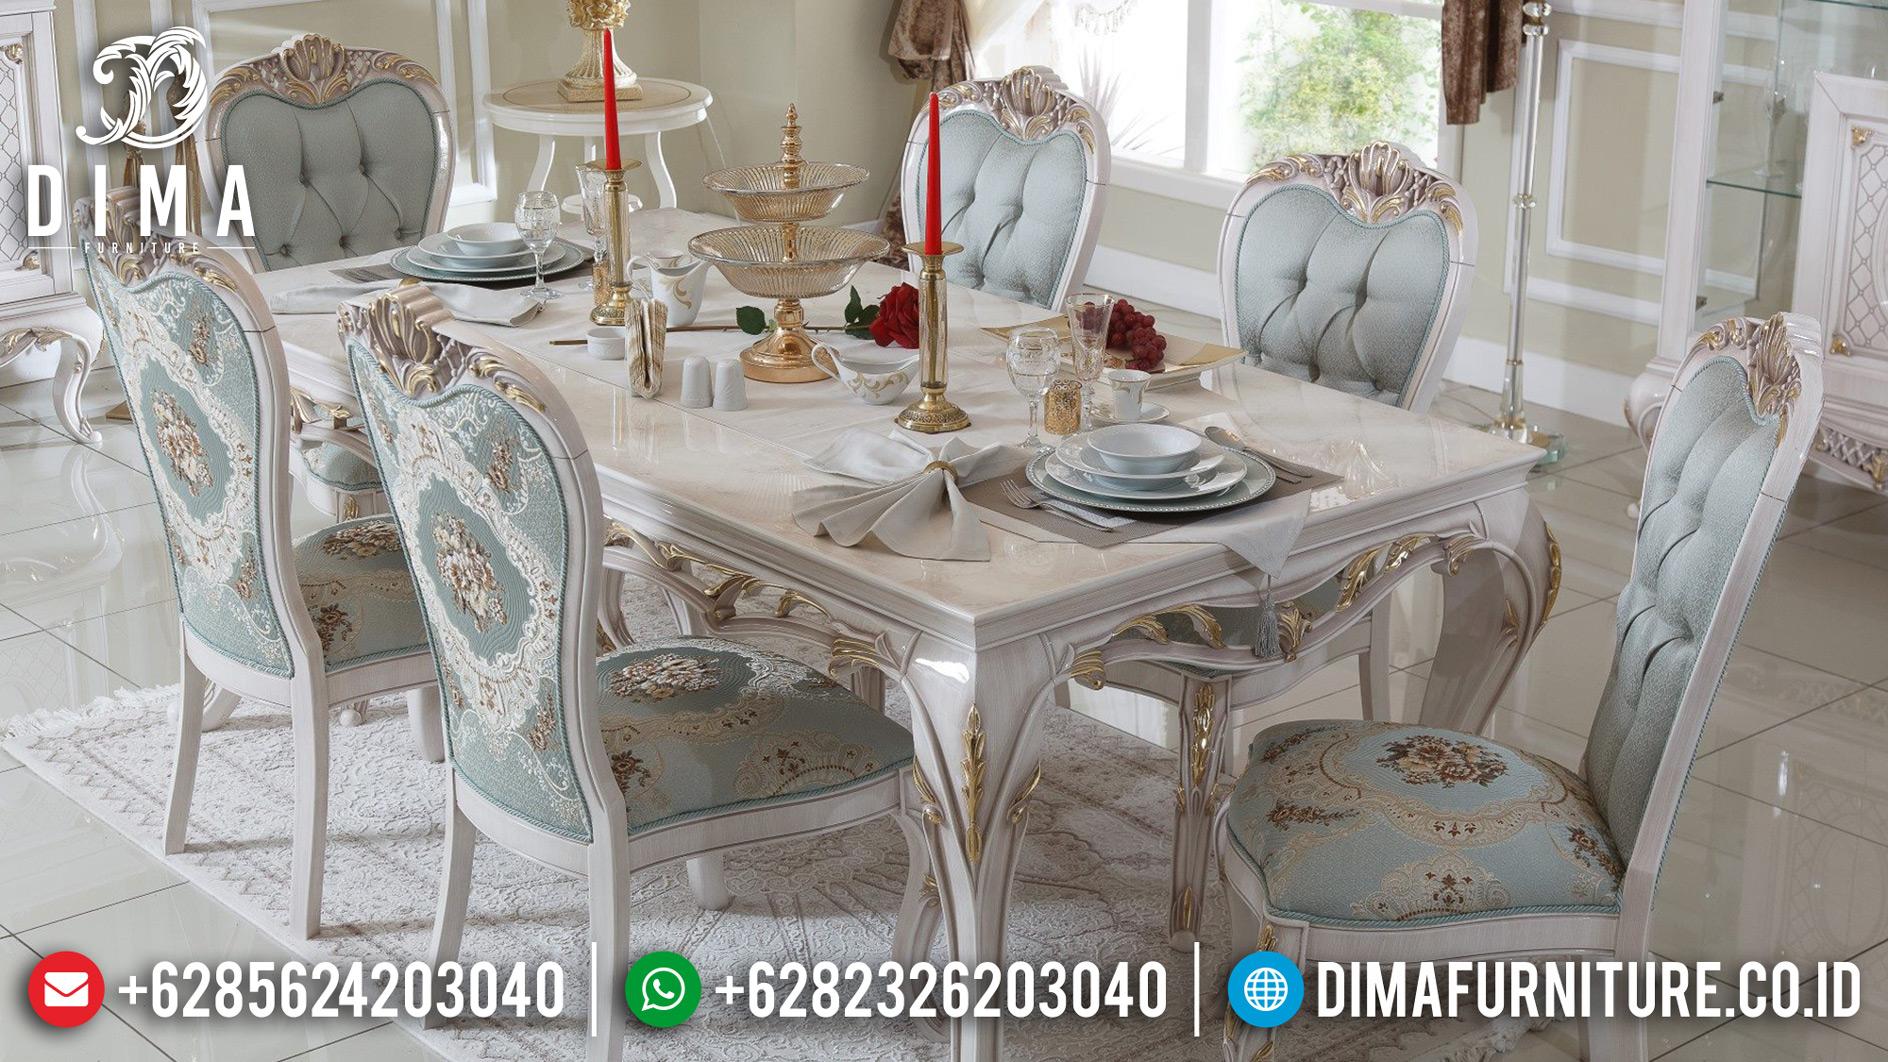 Meja Makan Mewah Klasik Turki Ukiran Jepara Terbaru Meva DF-0502